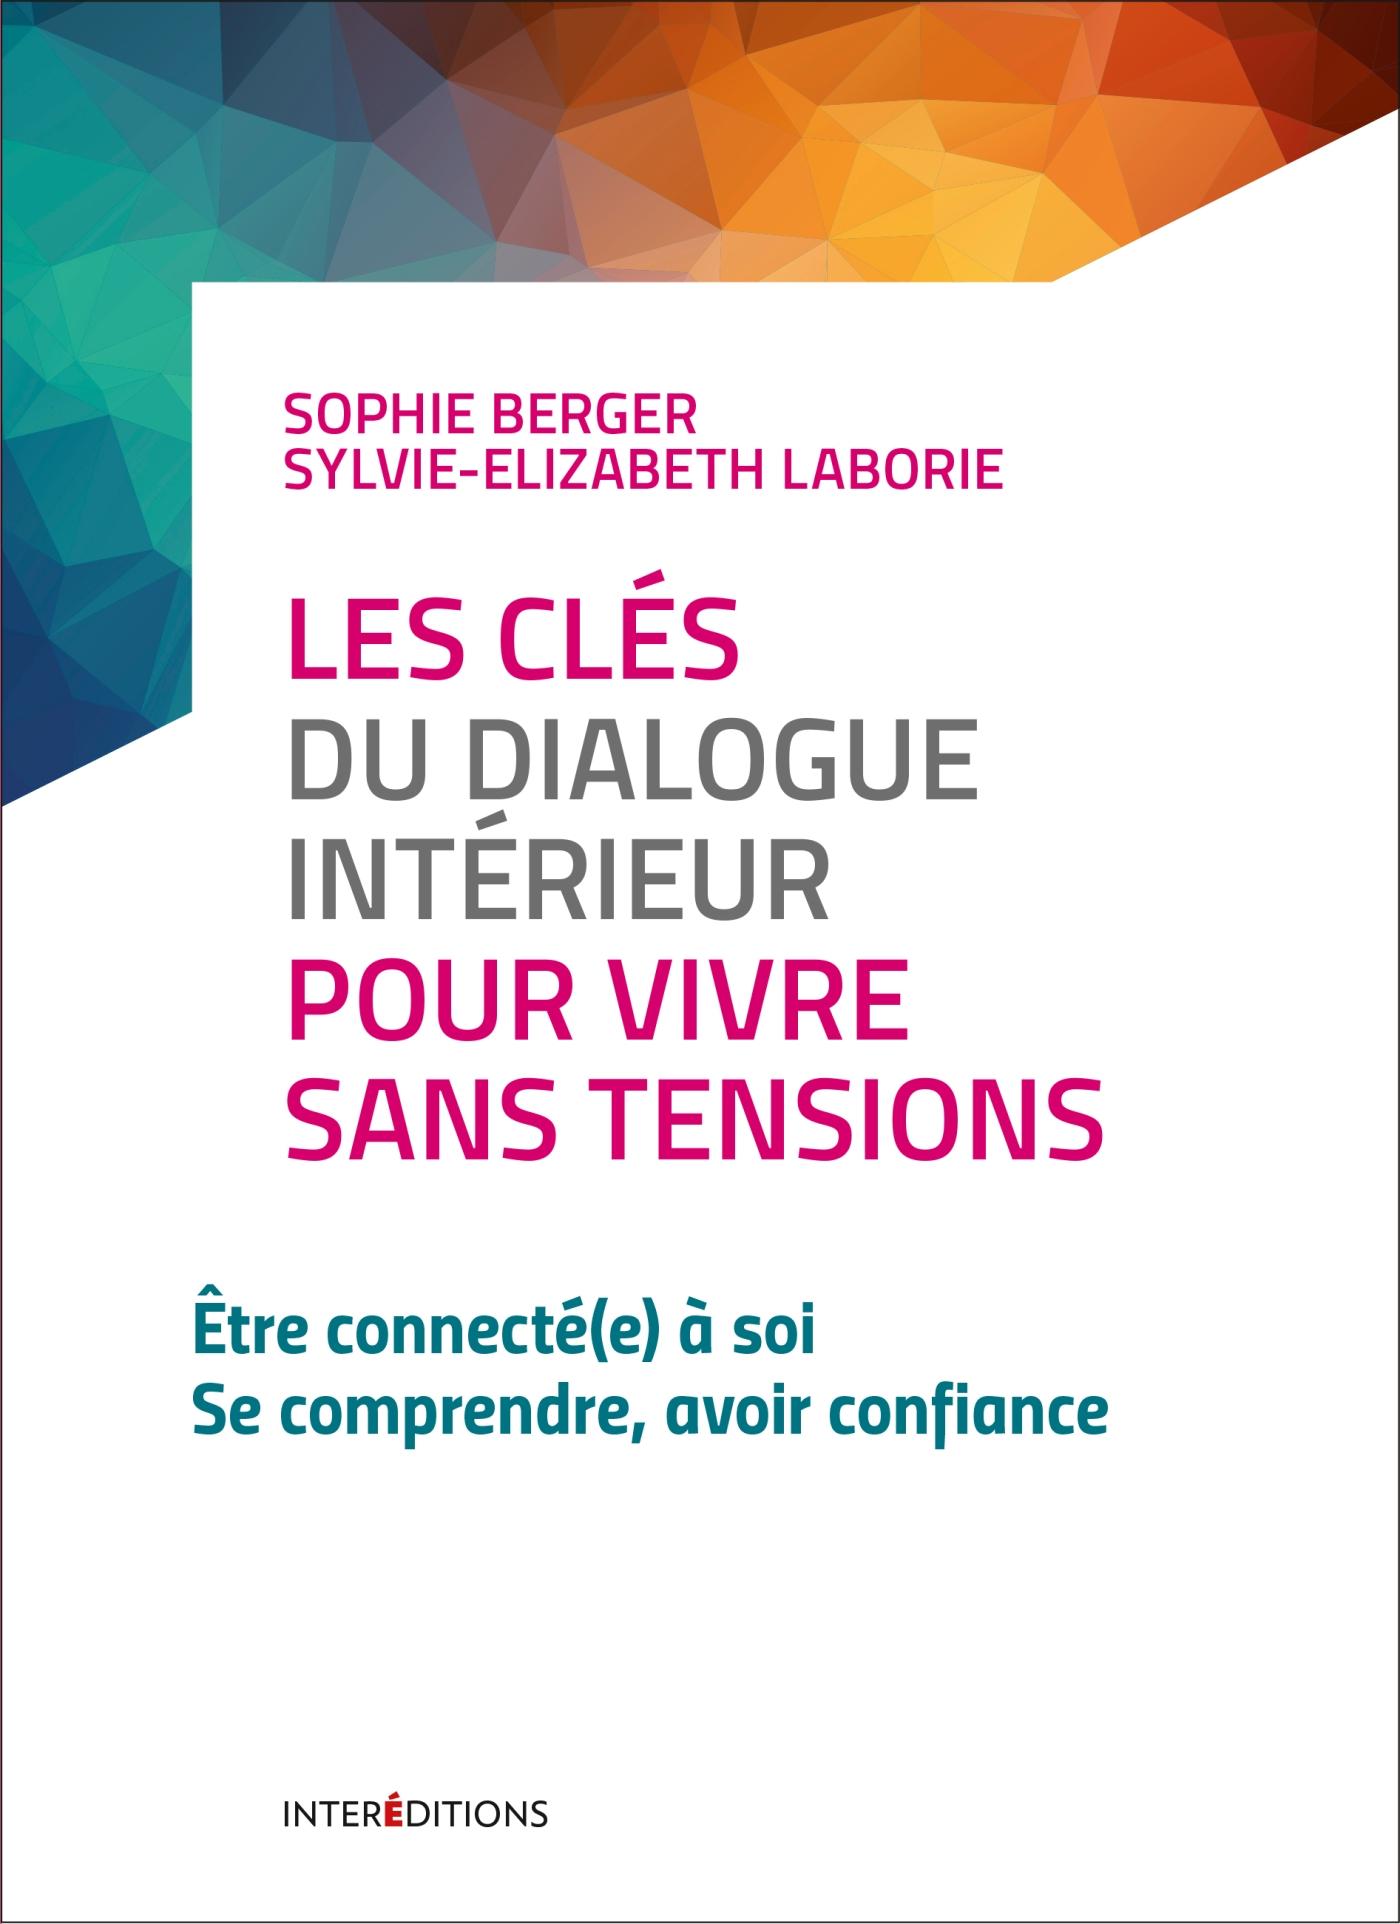 Les clés du dialogue intérieur pour vivre sans tensions